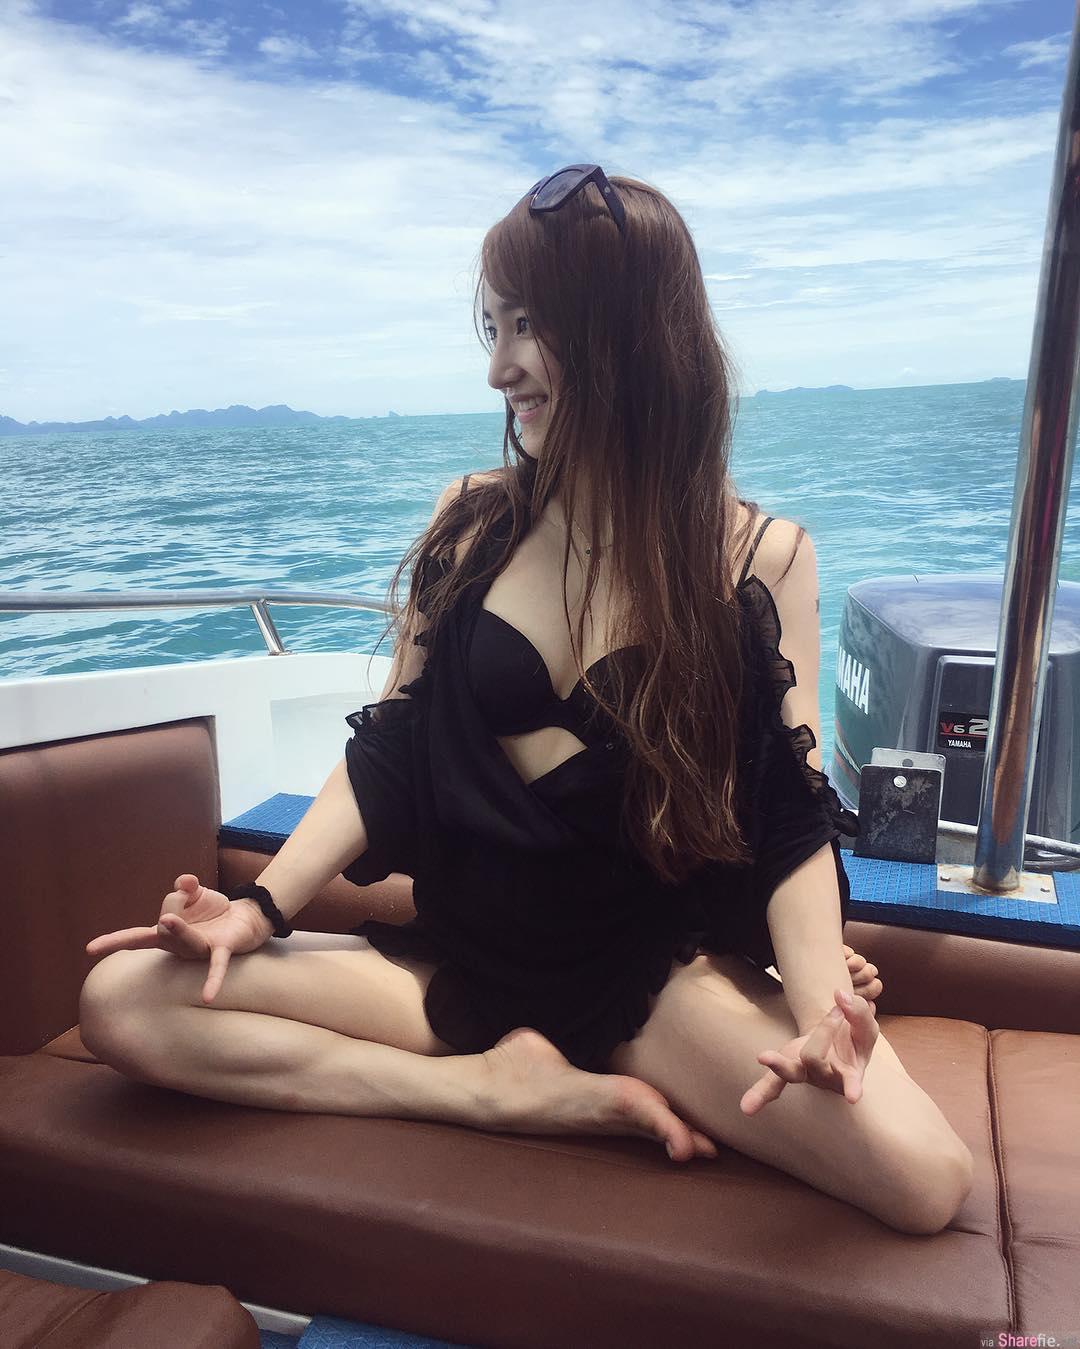 正妹Tancy Wang出海钓鱼穿比基尼静坐,网友只看见白皙好身材